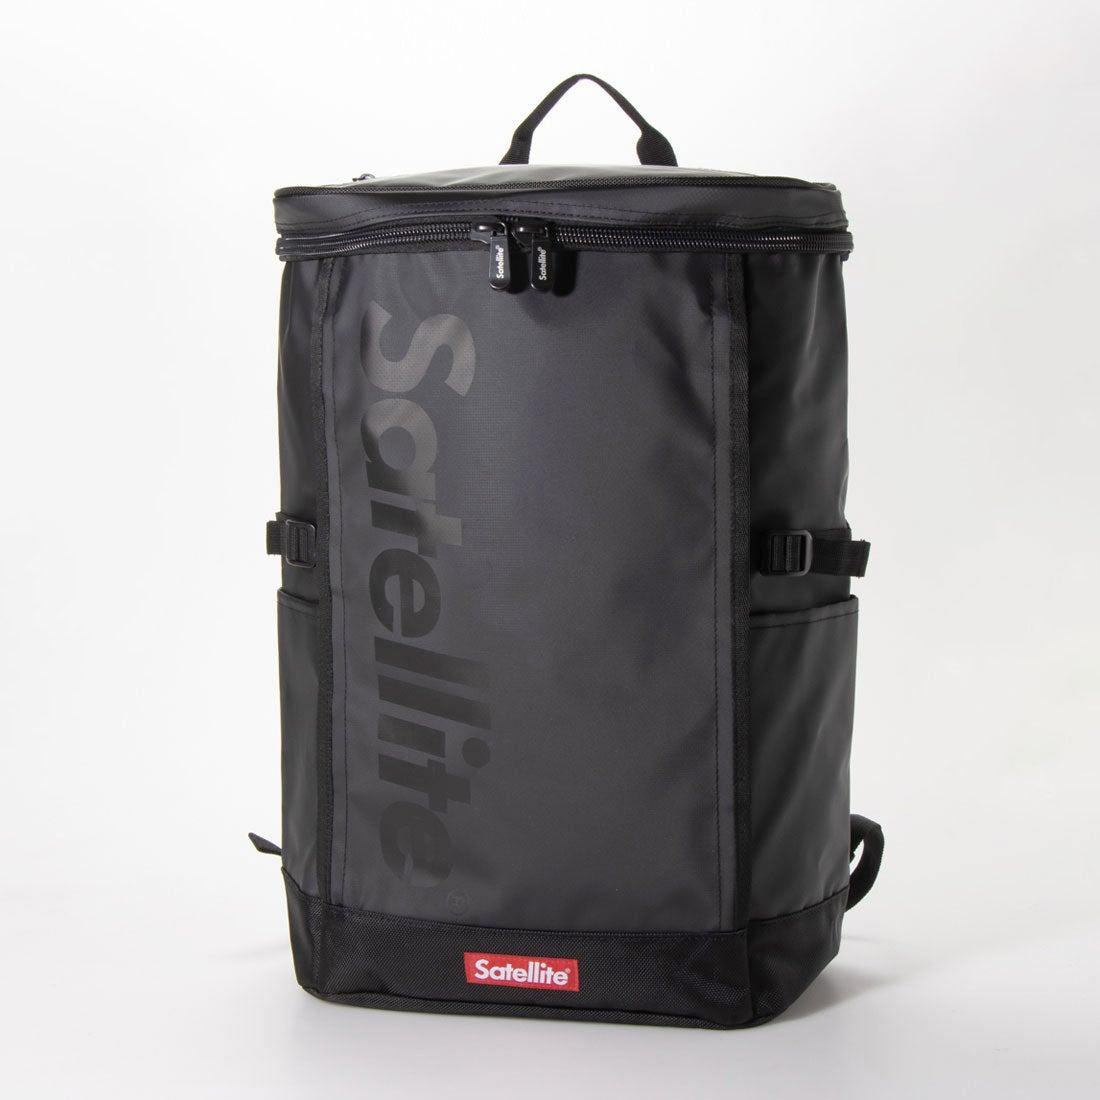 ムラサキスポーツセレクト ムラサキスポーツ select ボックス型のバックパック(ブラック×ブラック)